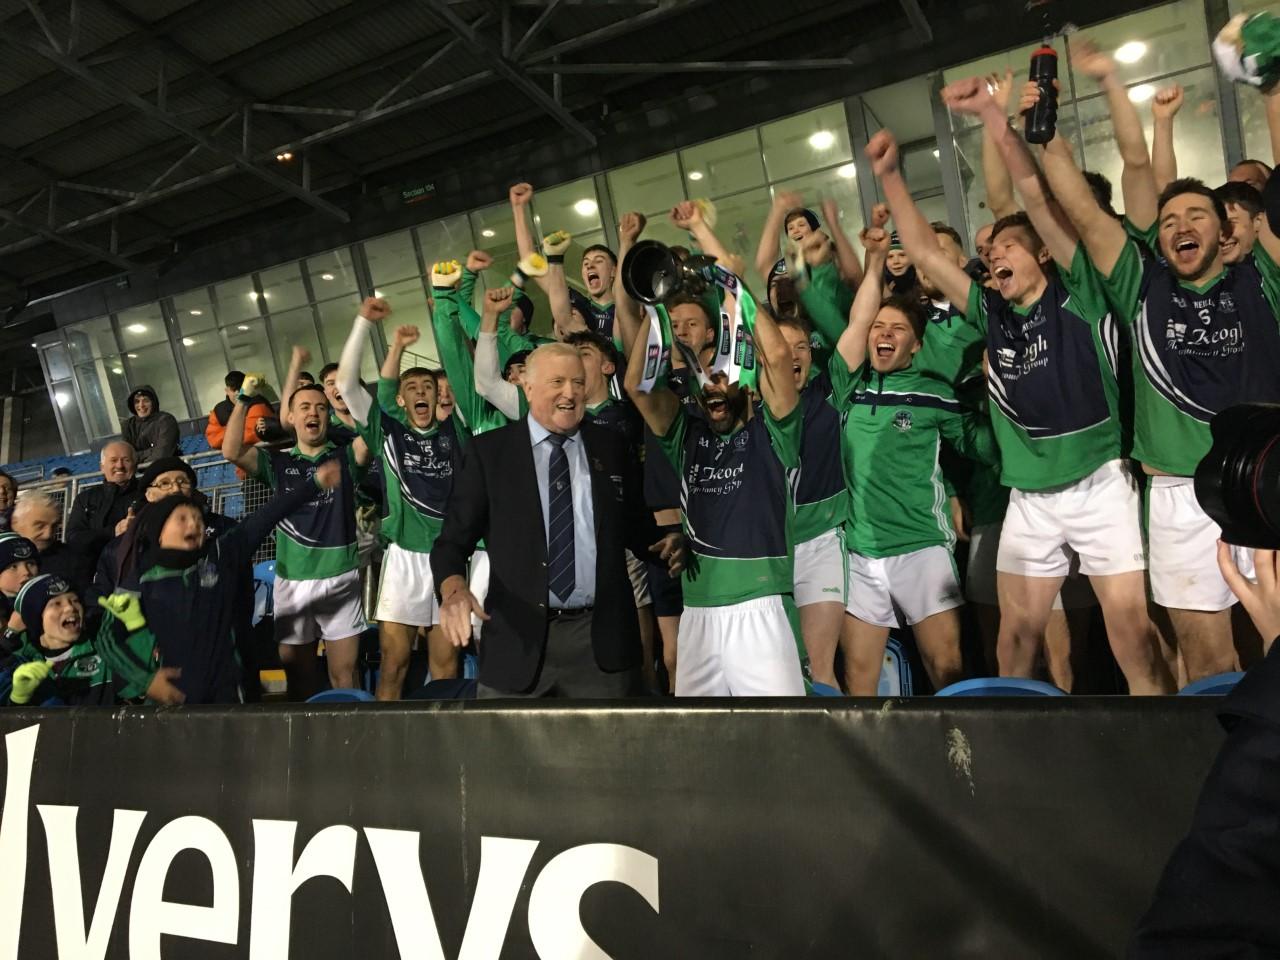 Oughterard are Connacht Intermediate Club Champions 2019!